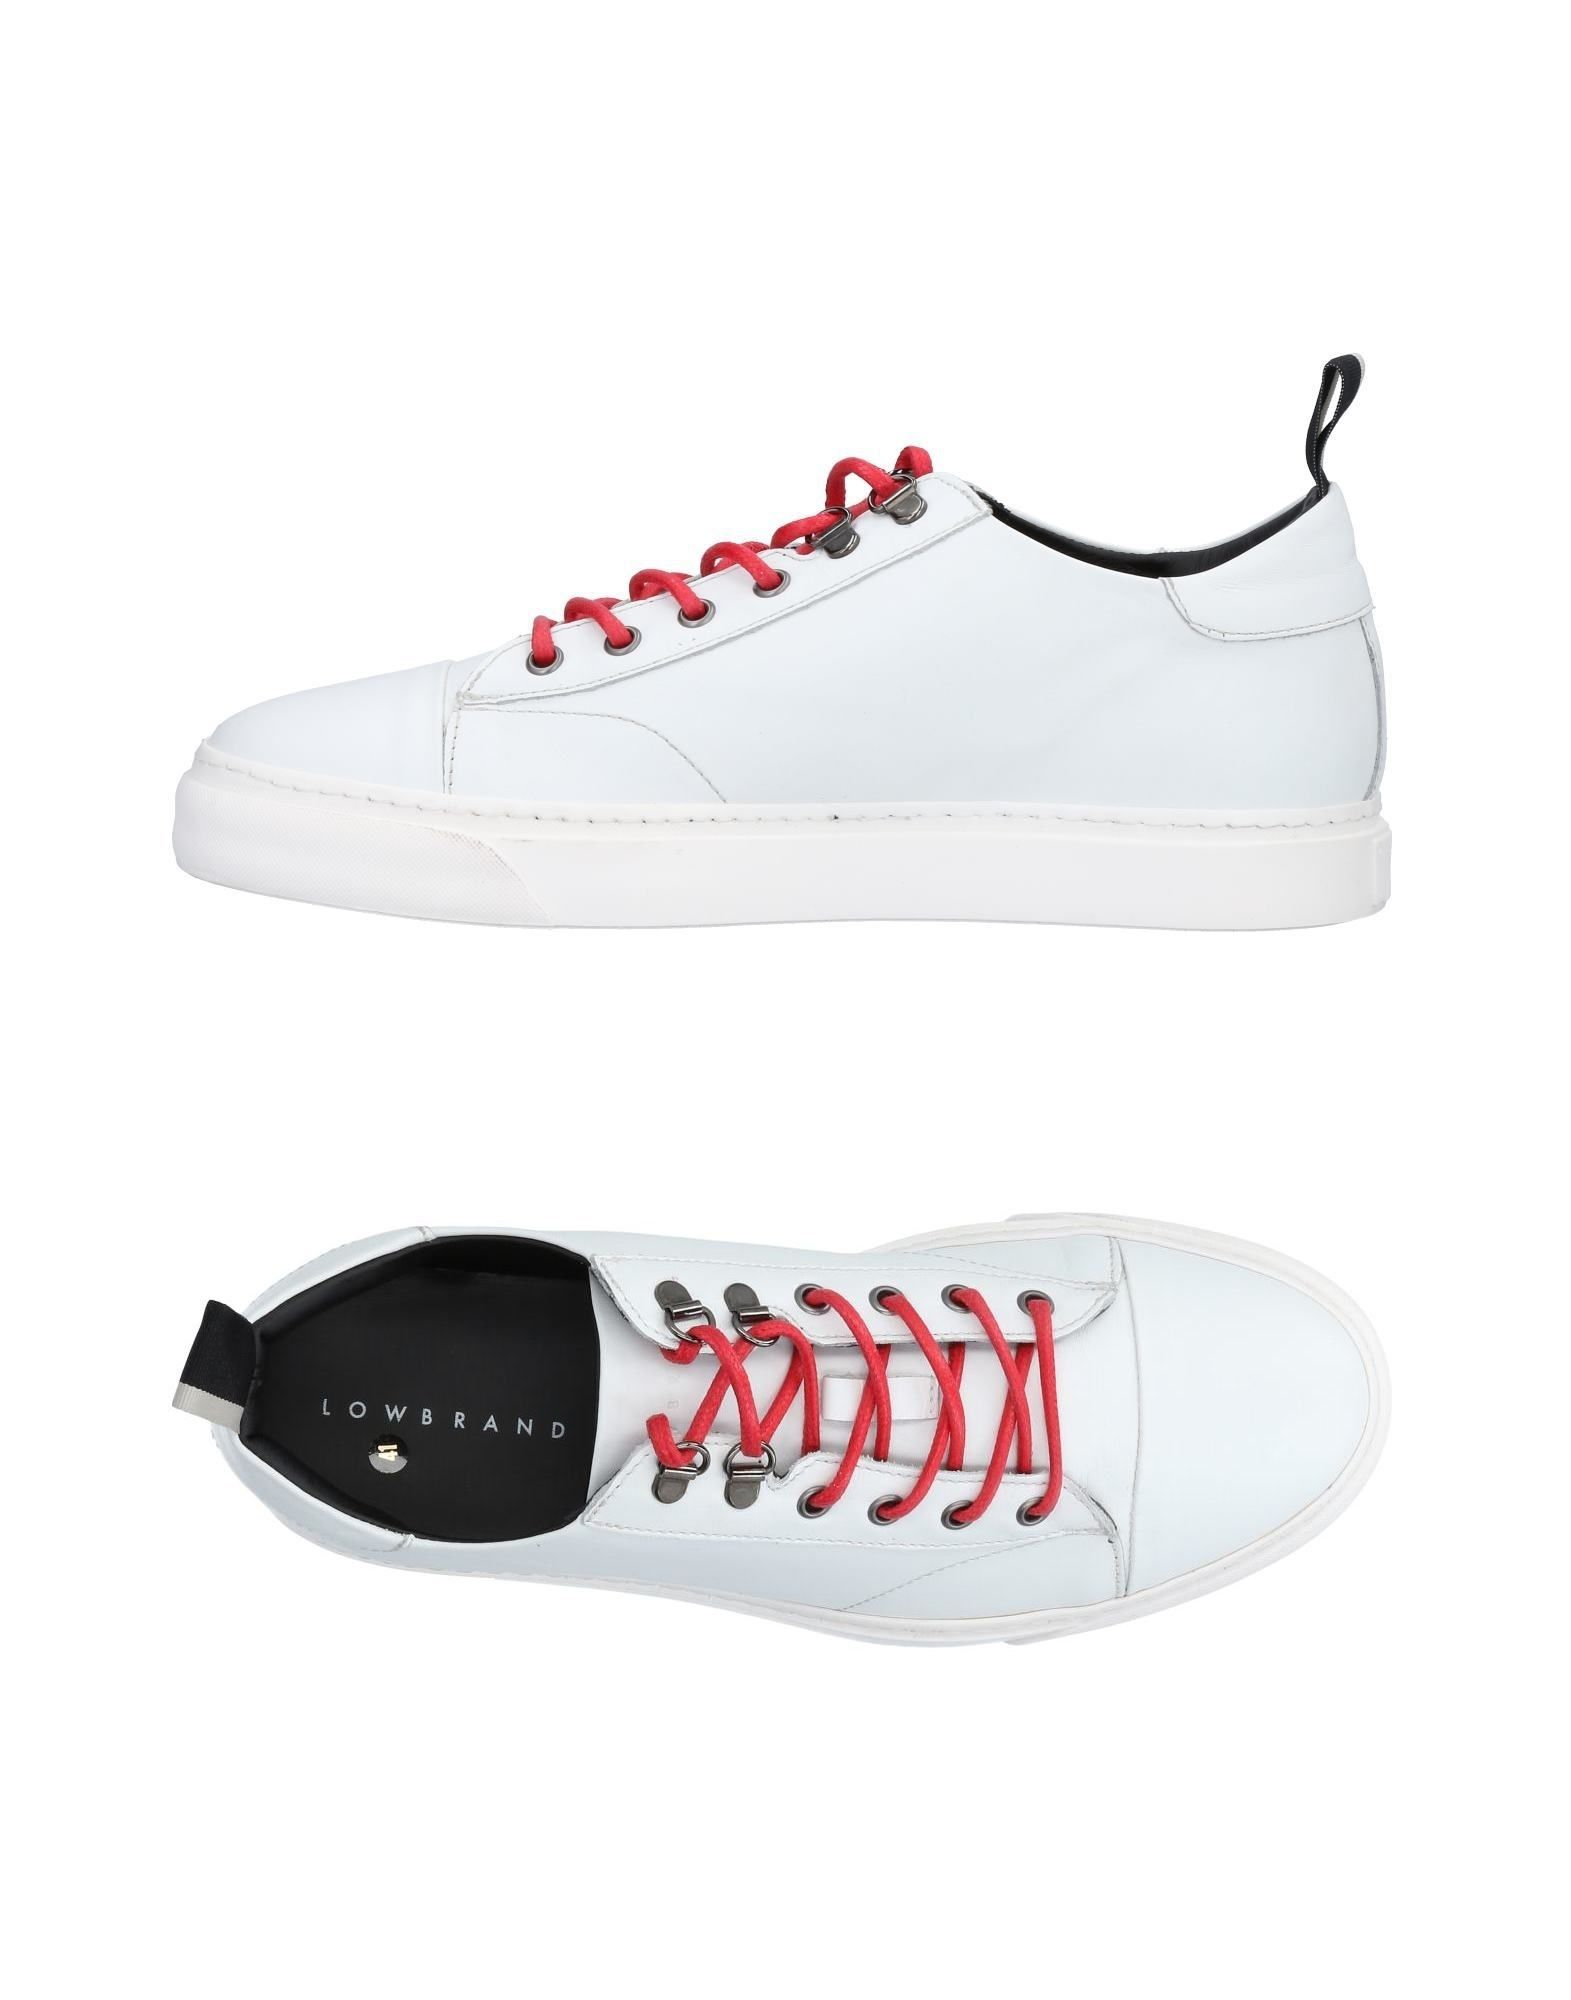 Rabatt echte Schuhe Low Brand Sneakers Herren  11480661EI